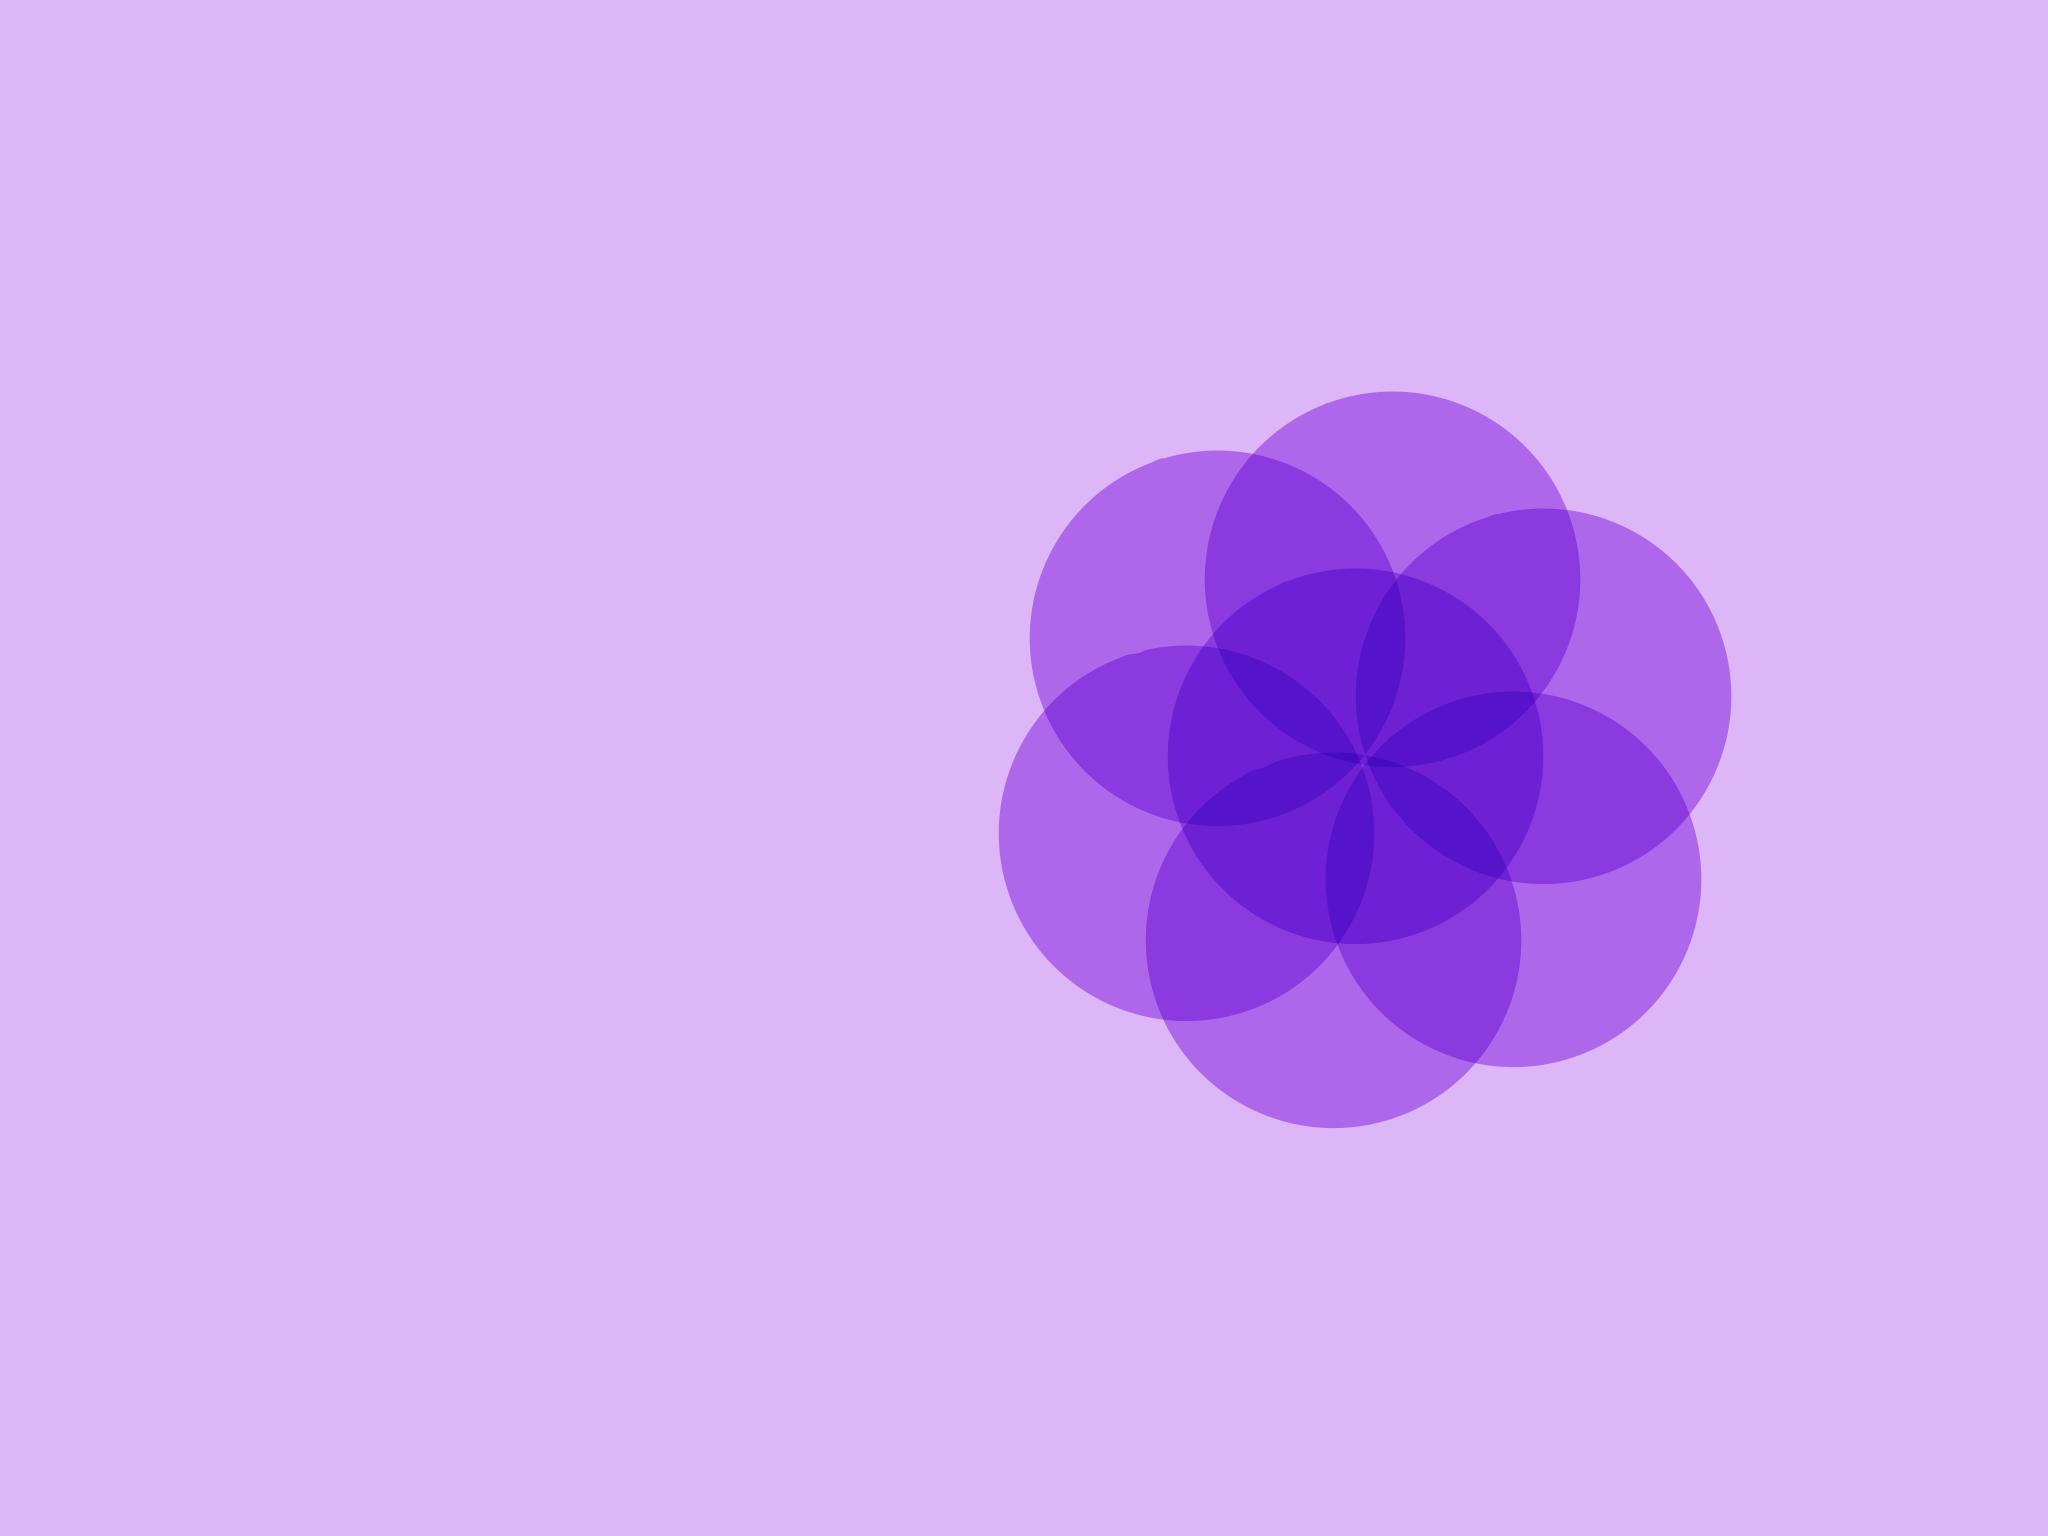 使用紫色火焰靜心